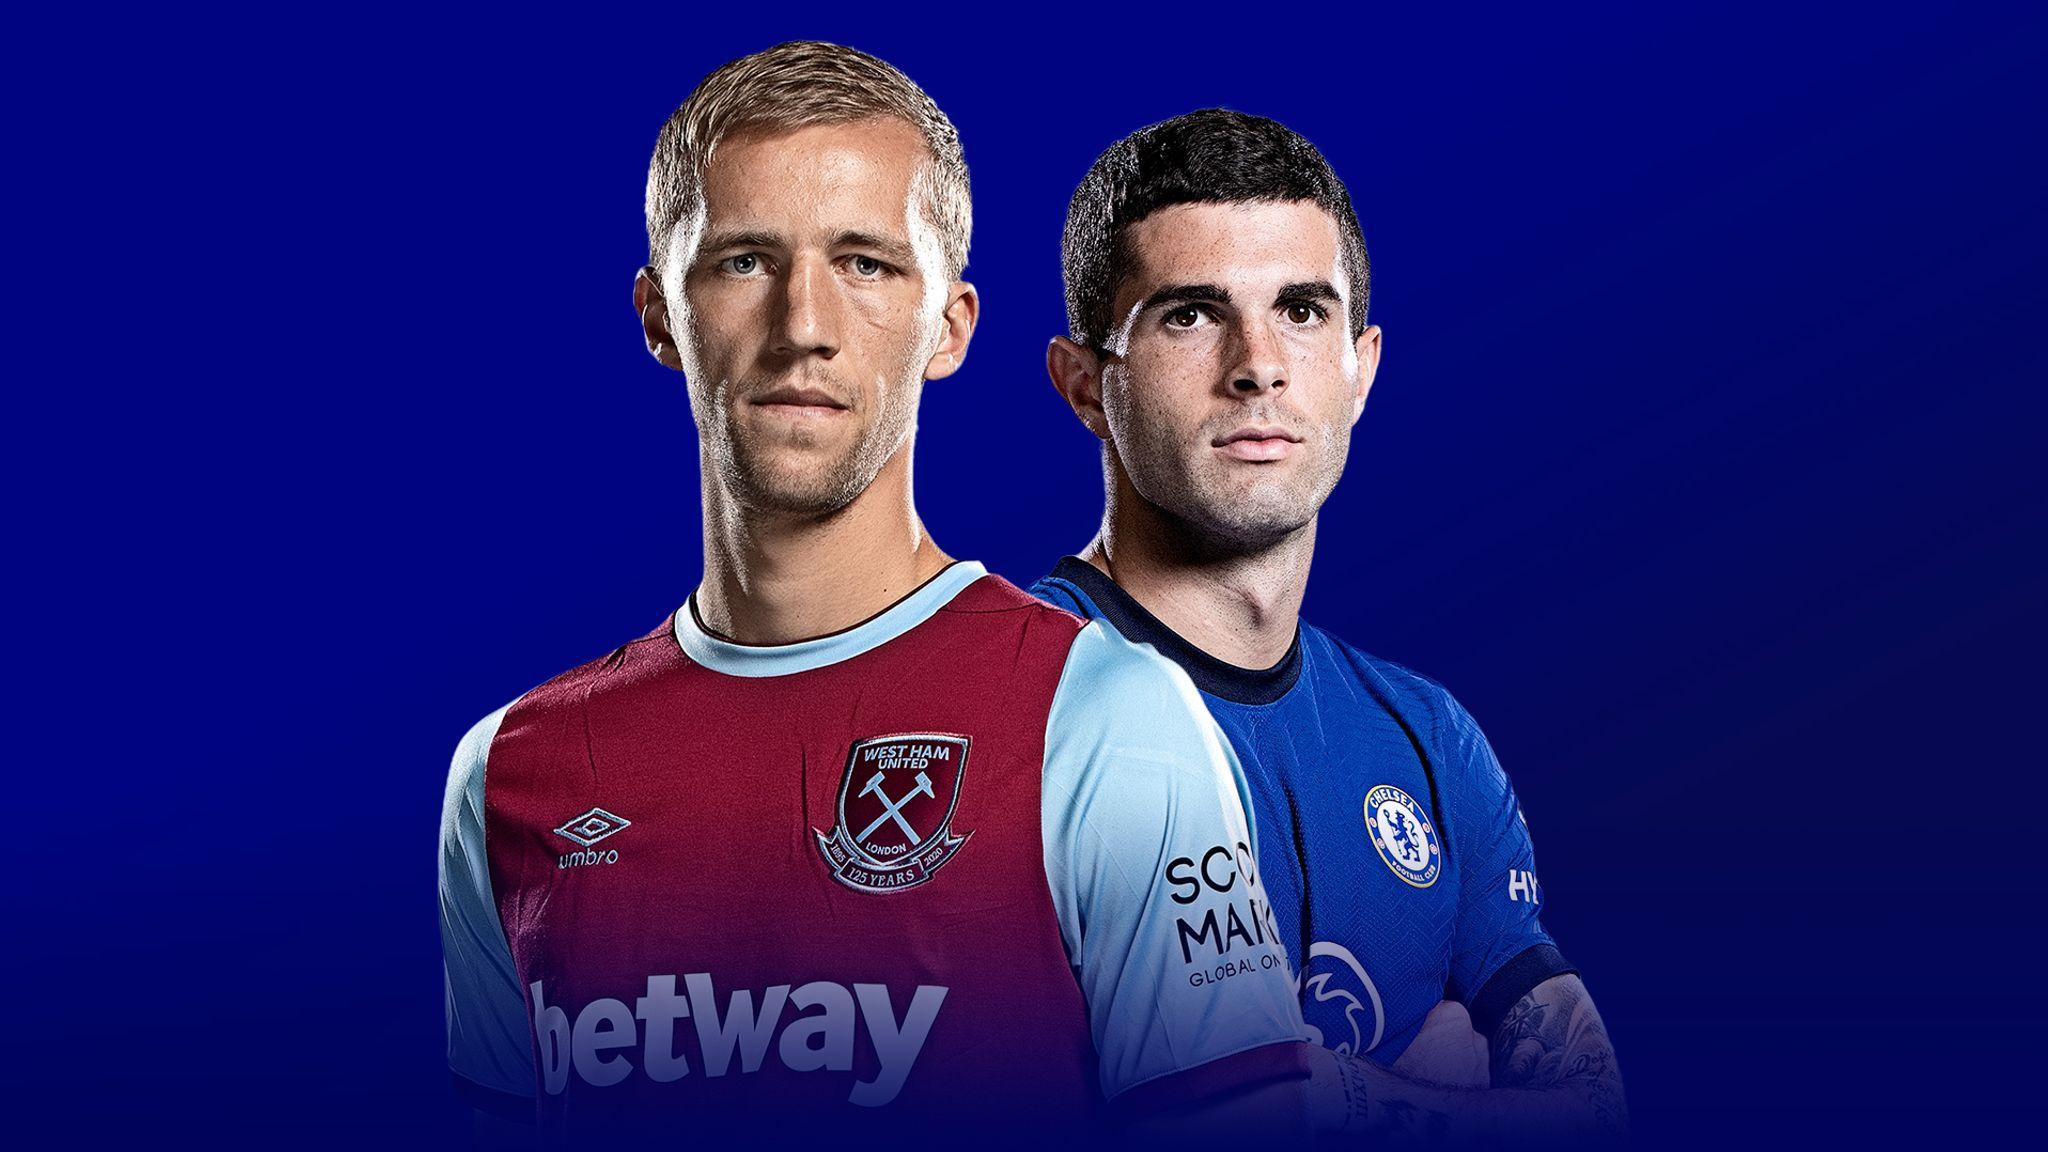 Nhận định bóng đá West Ham vs Chelsea, 23h30 ngày 24/4 – Ngoại hạng Anh